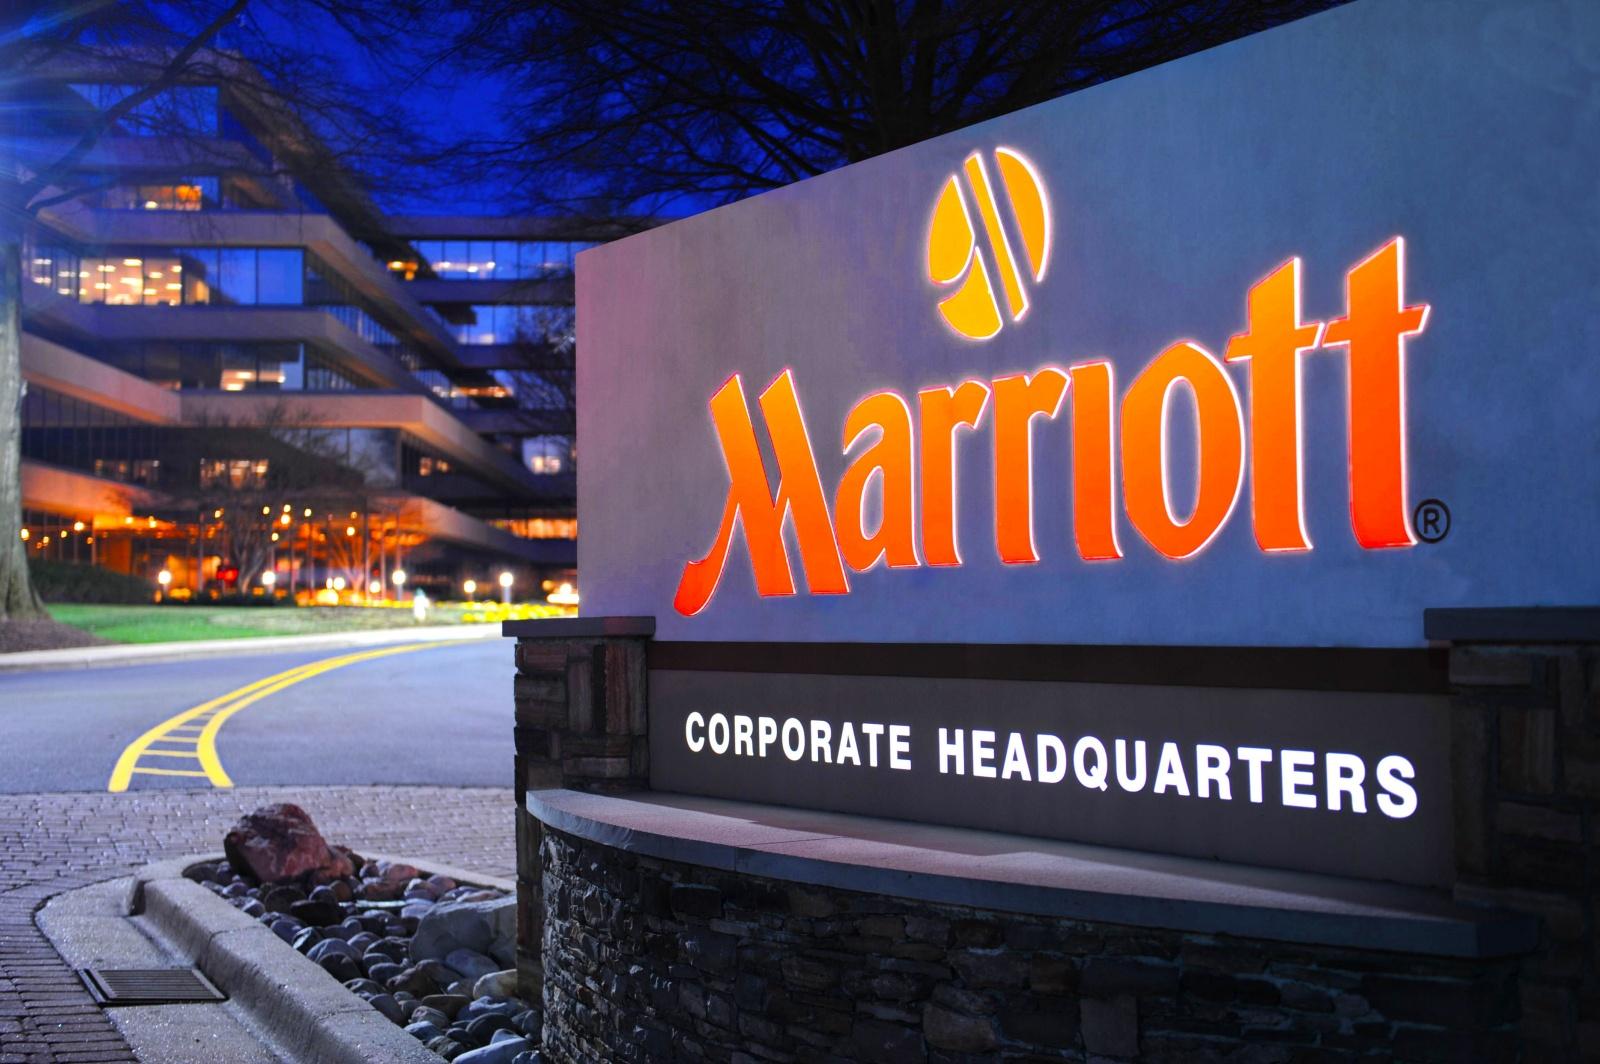 Из Marriott утекли персональные данные 500 млн. клиентов - 1